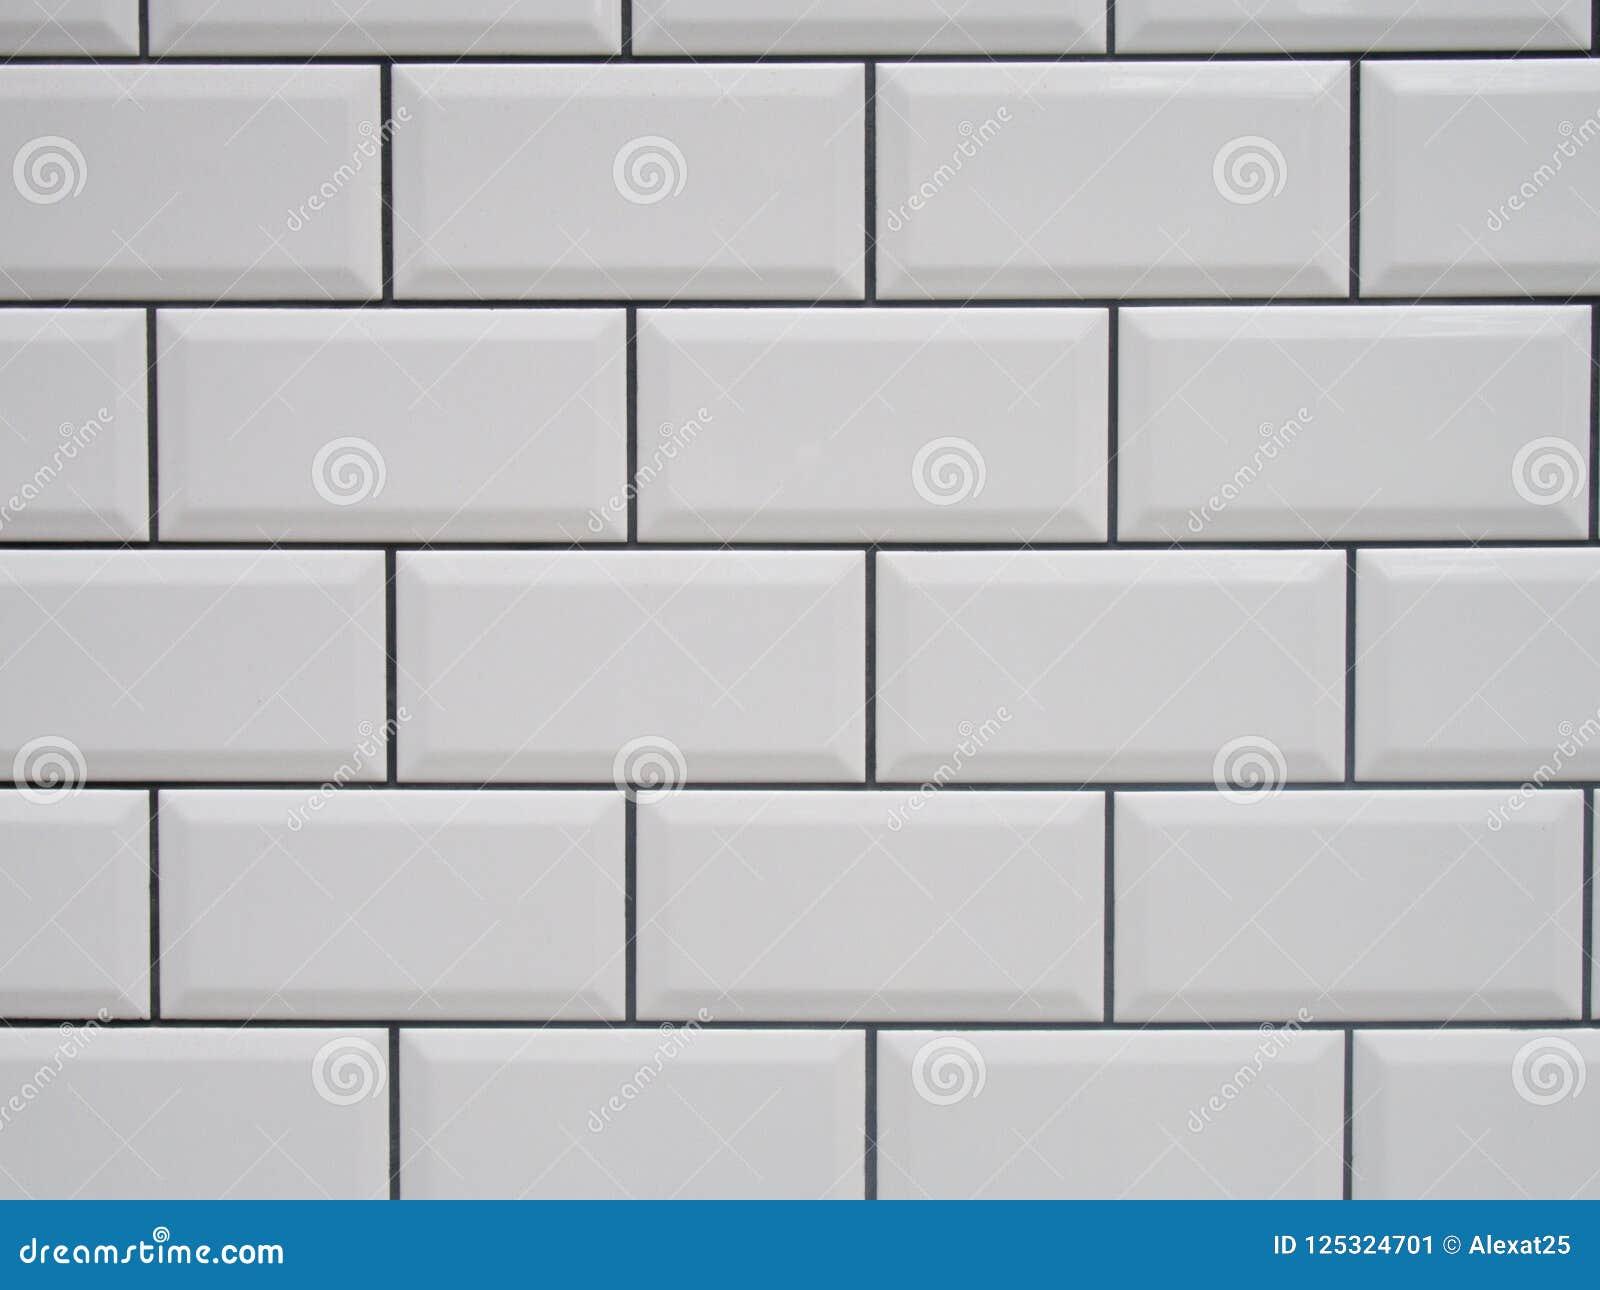 Carrelage Metro Blanc Joint Gris tuile blanche avec les joints noirs image stock - image du